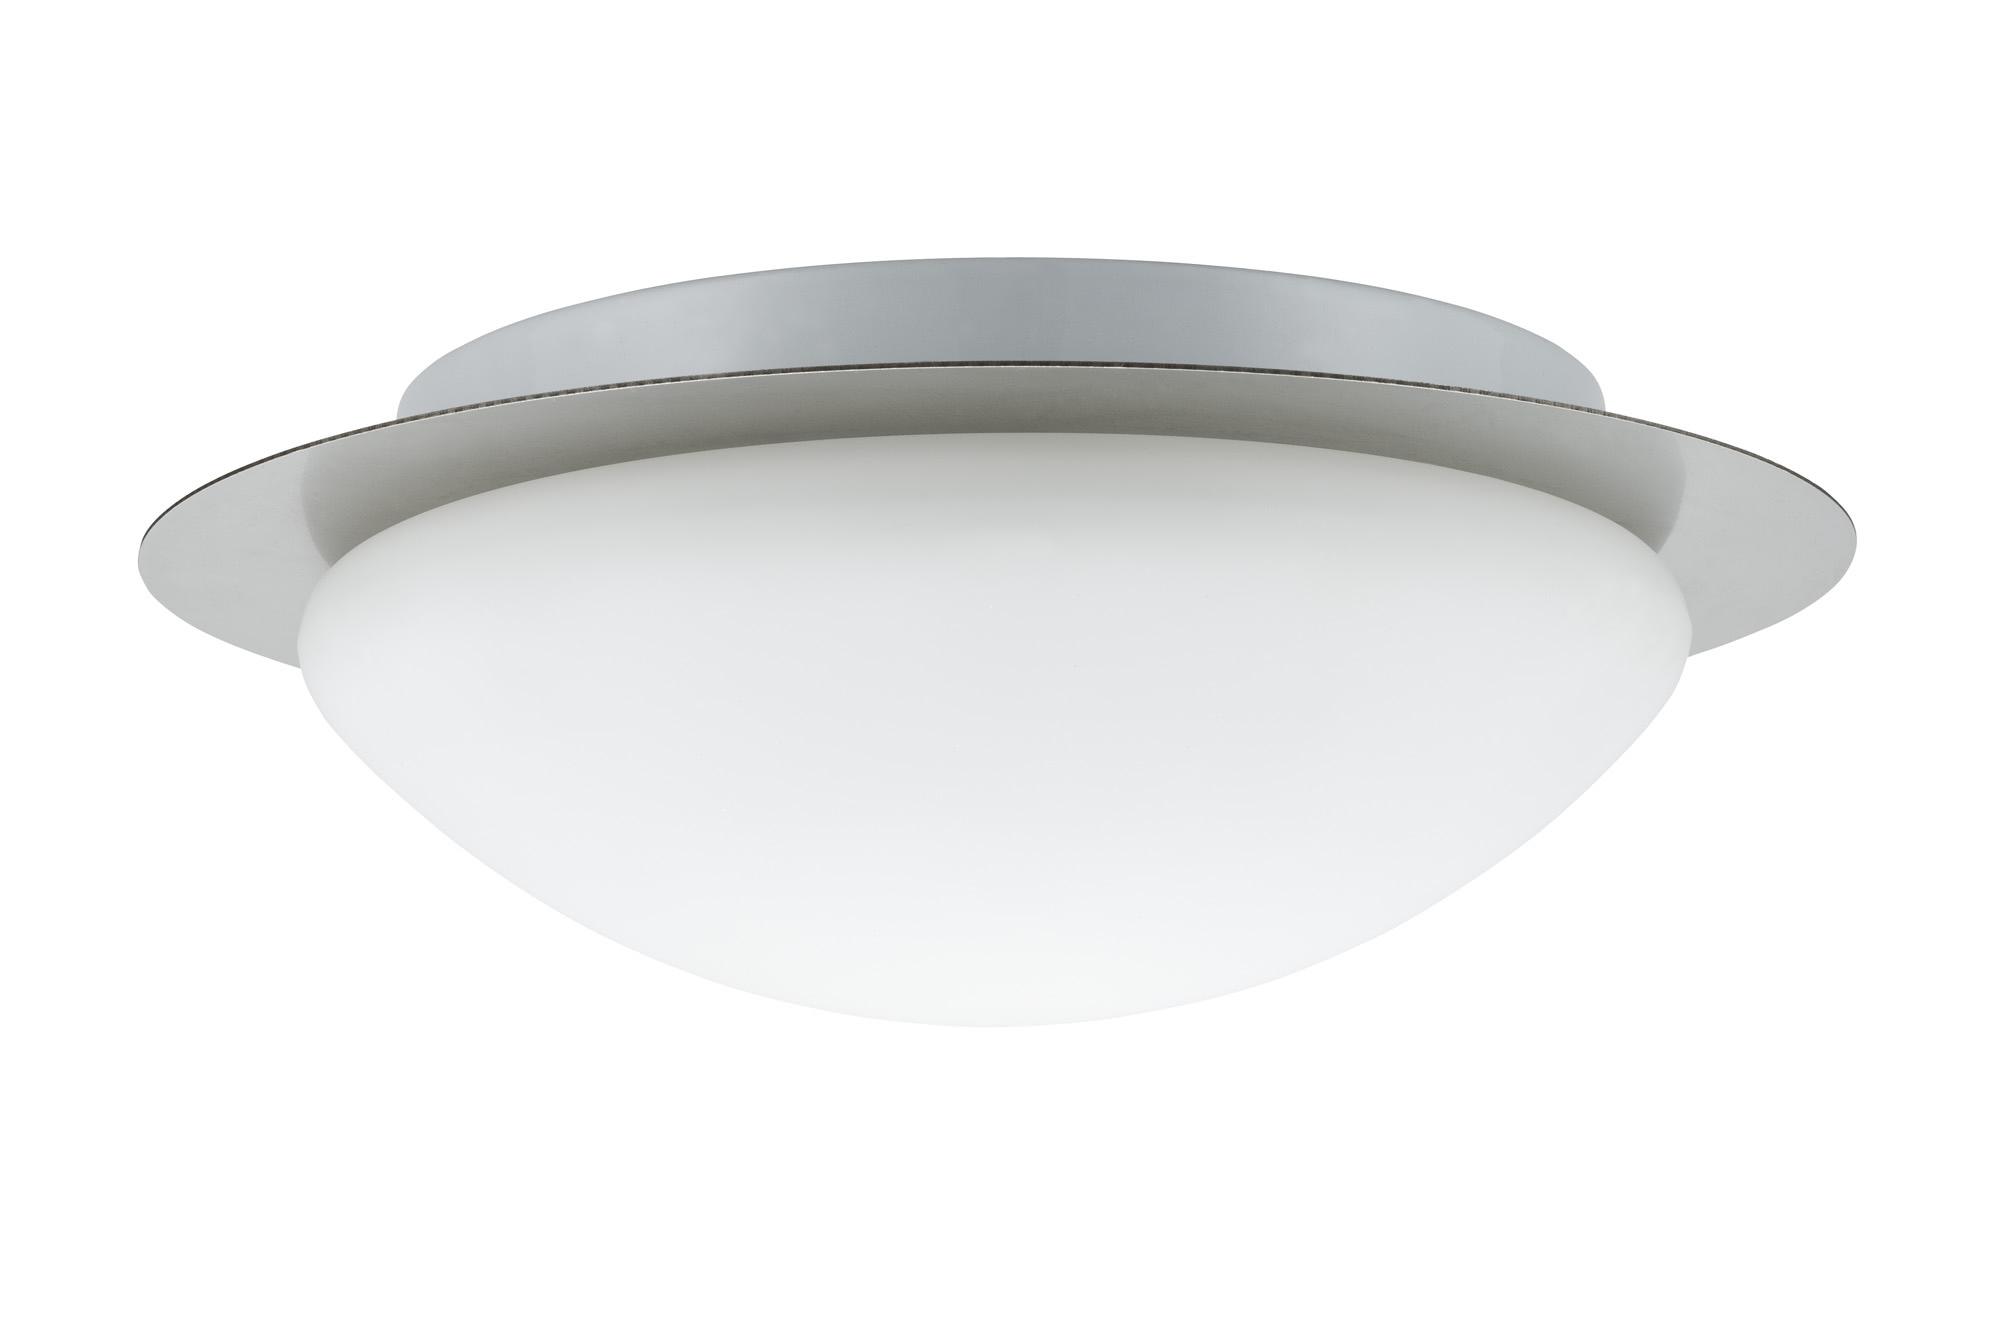 Paulmann. 70346 Светильник настенно-потолочный 1x60W W-D Vega 230V E27 Железо шероховатое